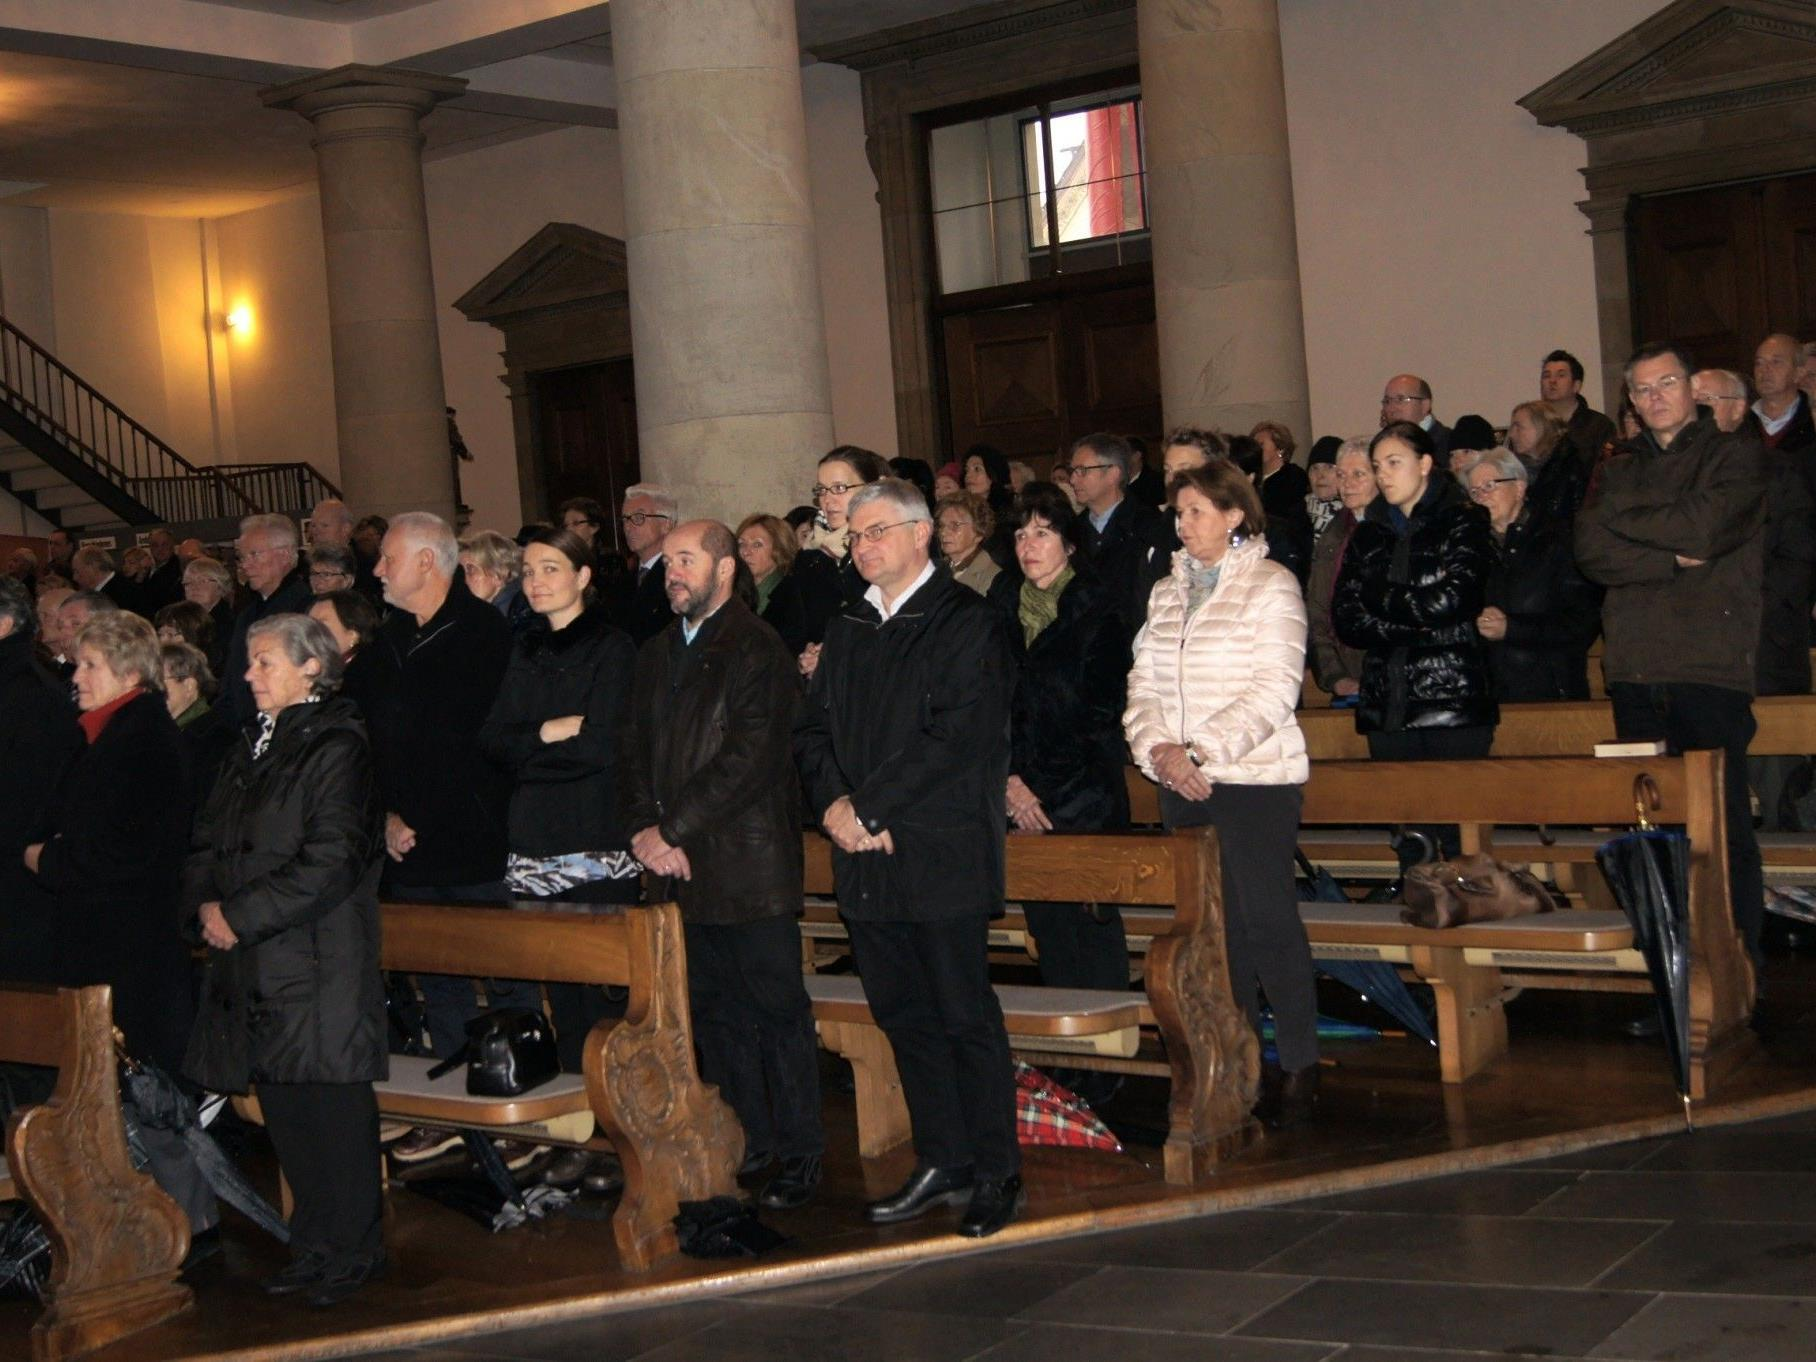 Gedenkgottesdienst in St. Martin für Carl Lampert.